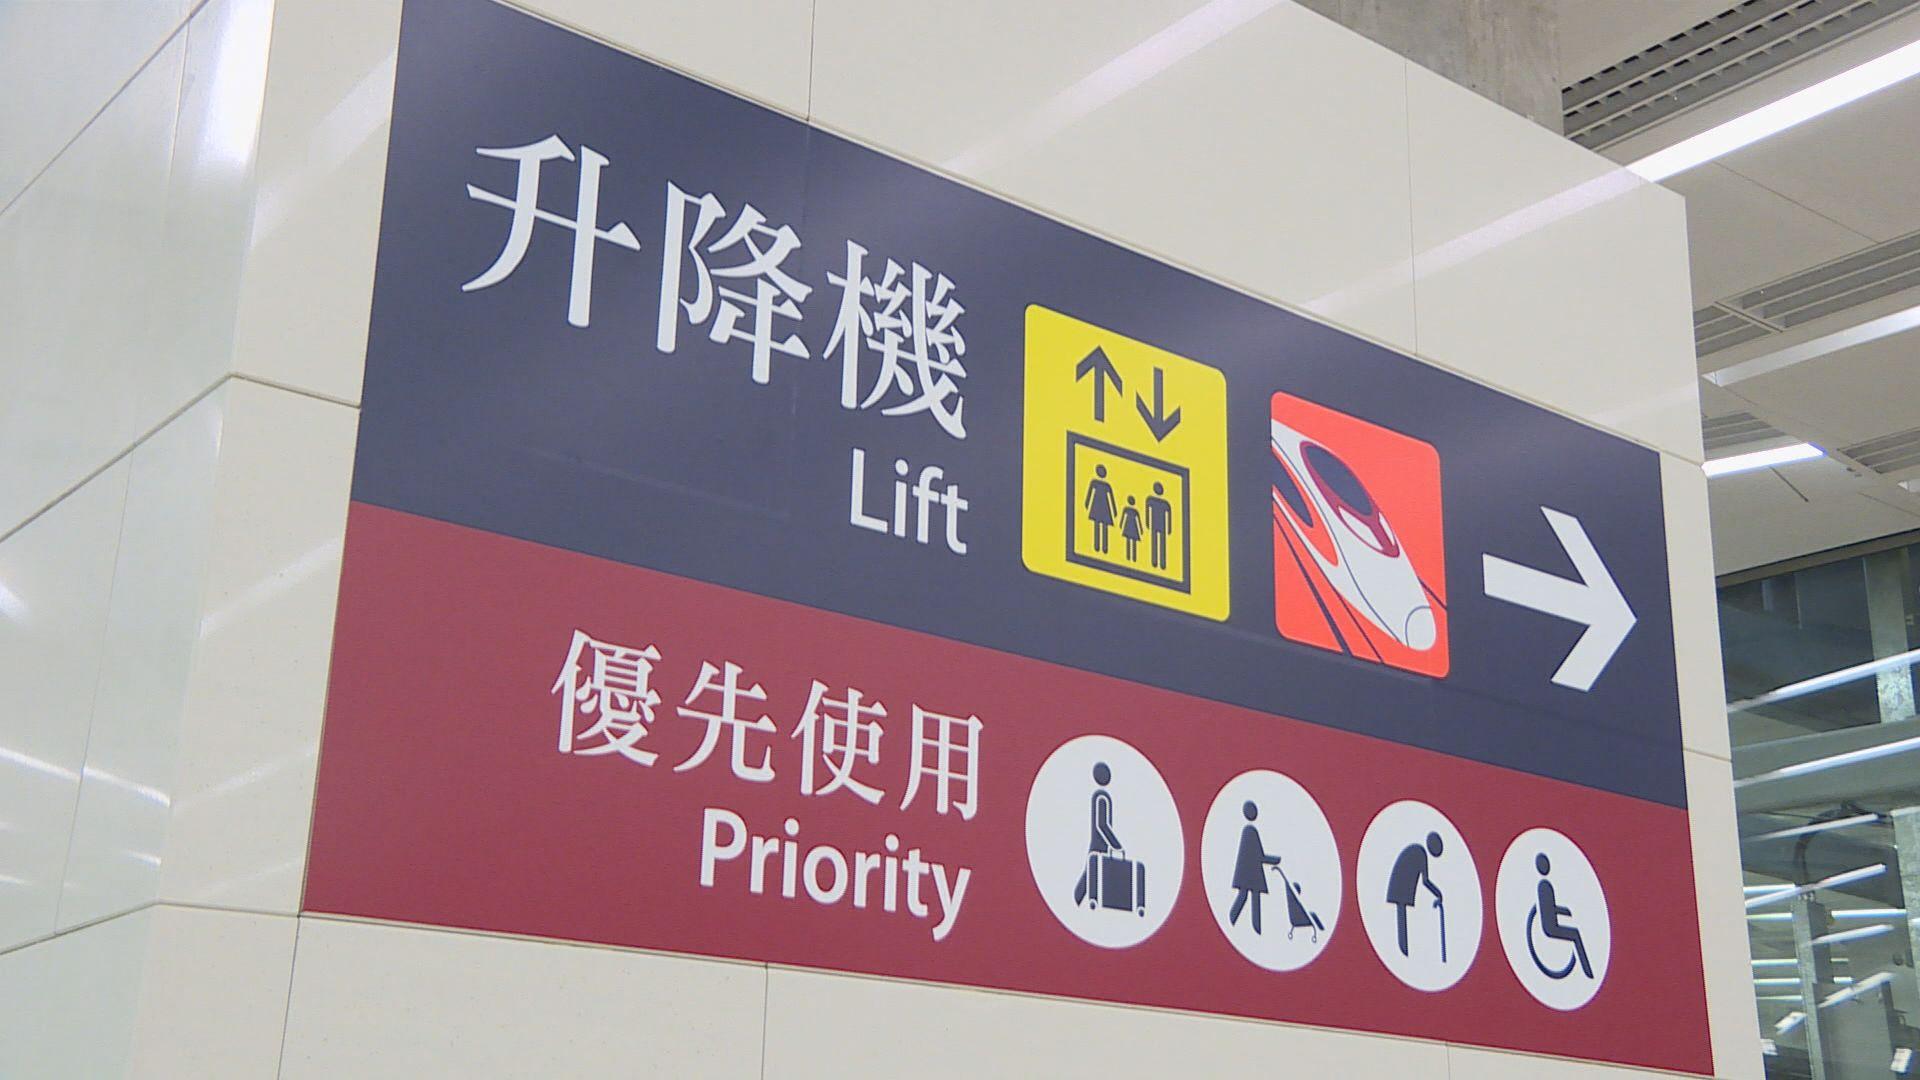 港鐵:西九站B5層不屬內地口岸區範圍